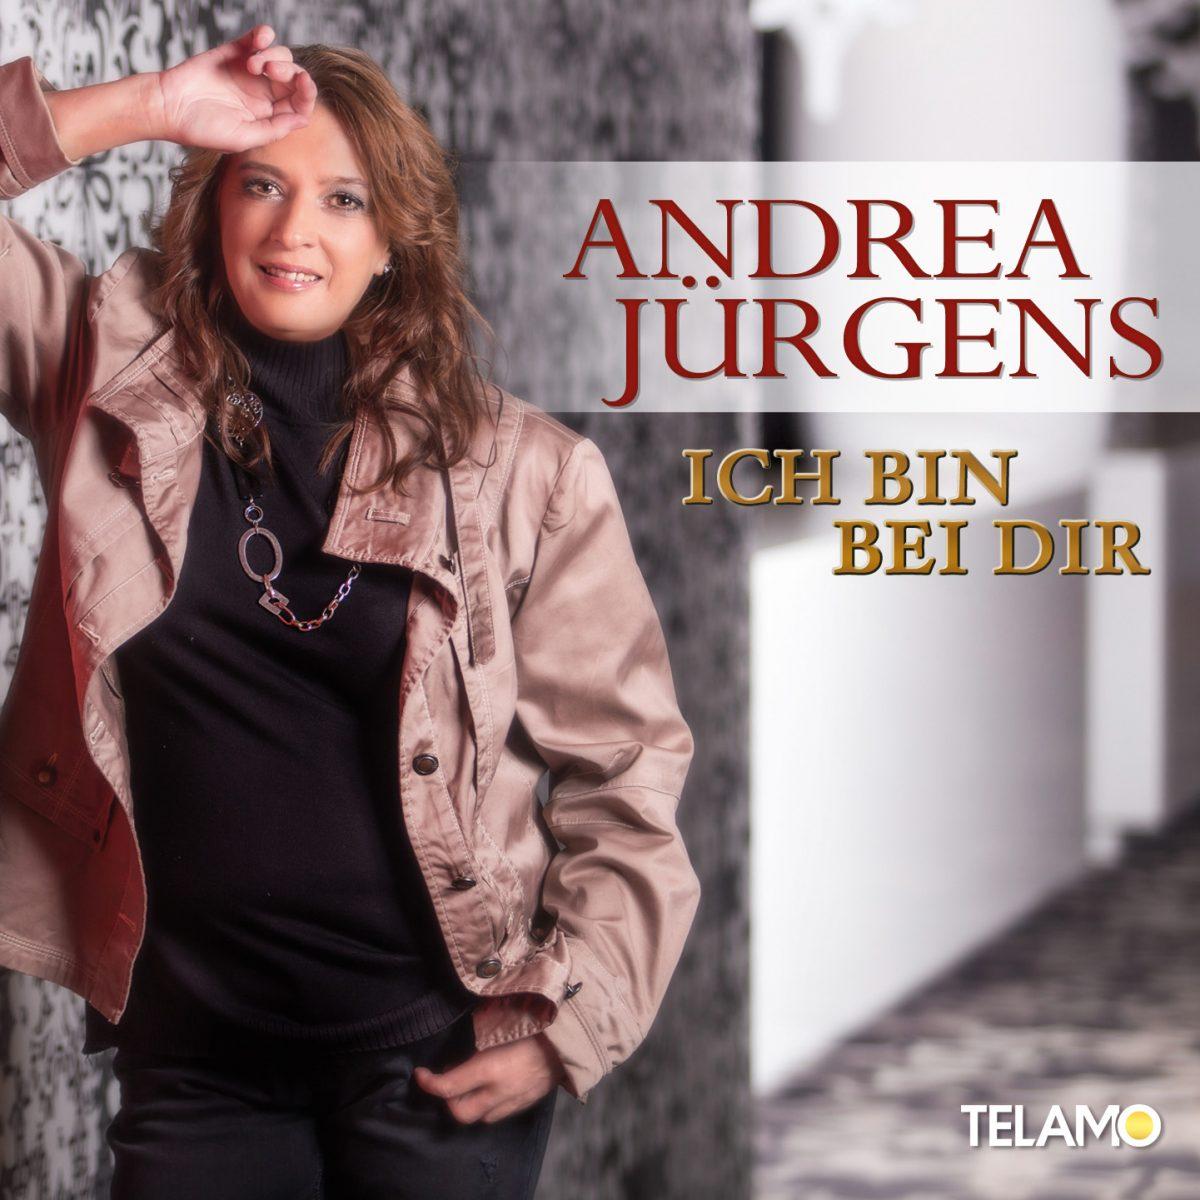 Bildergebnis für Andrea Jürgens Ich bin bei dir